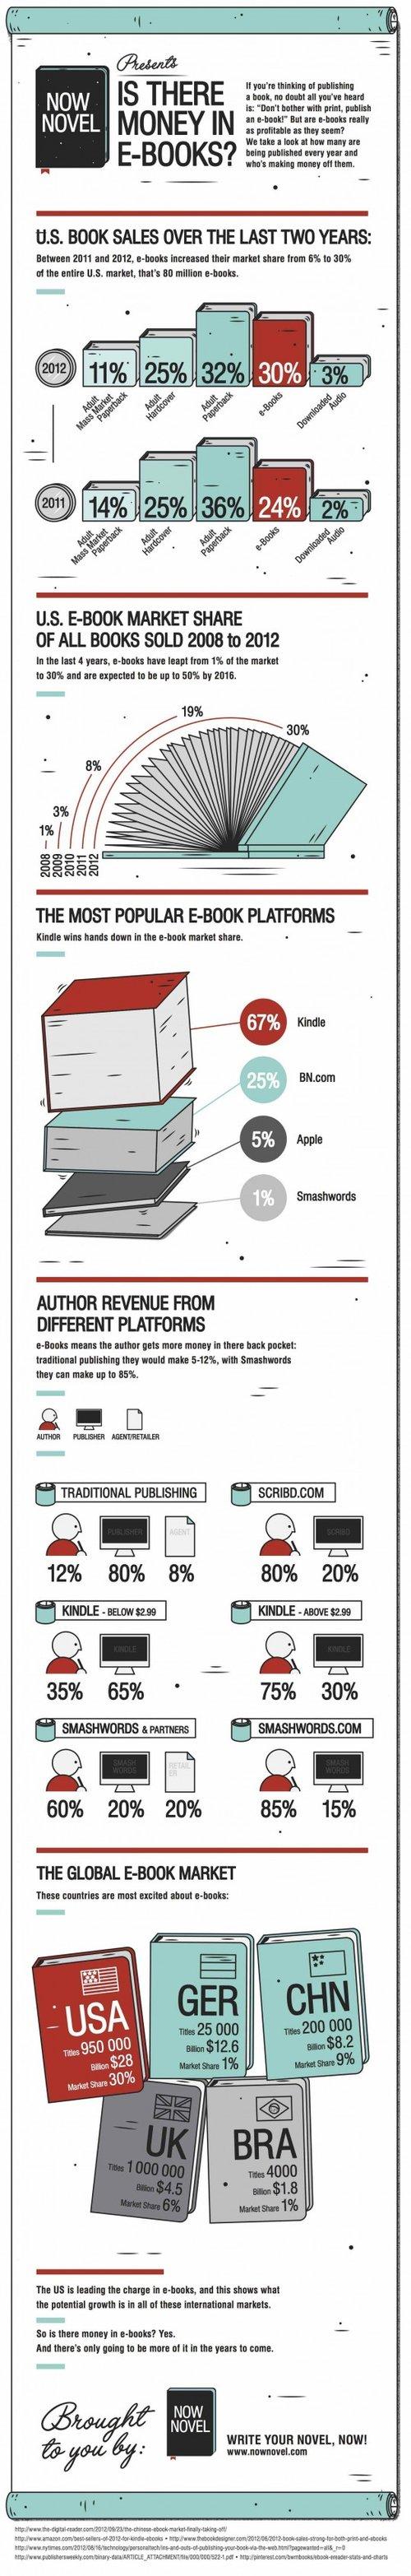 Actualidad Informática. Infografía sobre la comercialización de ebooks. Rafael Barzanallana. UMU